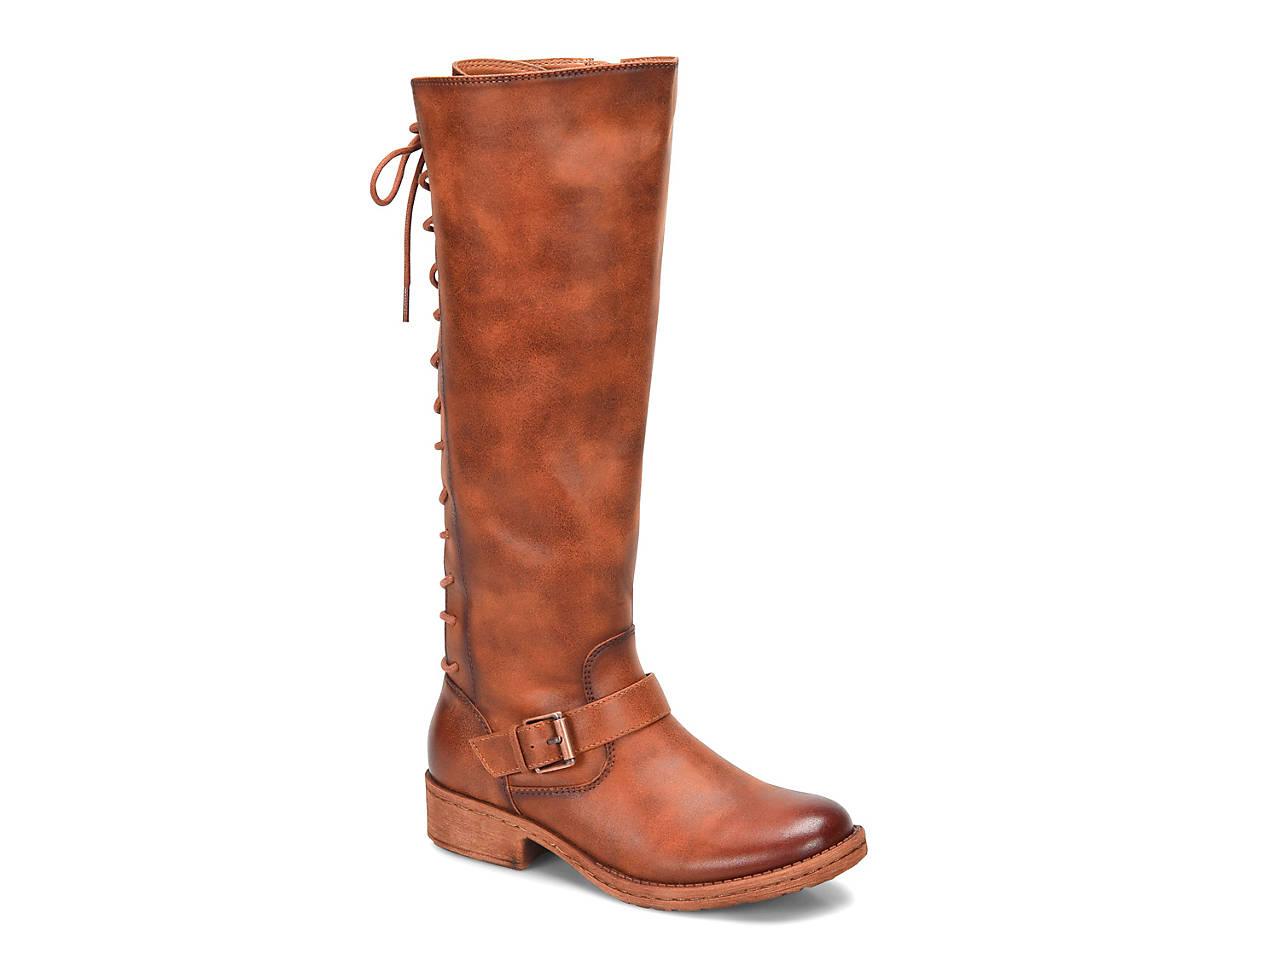 9e22d784554 Seldon Boot